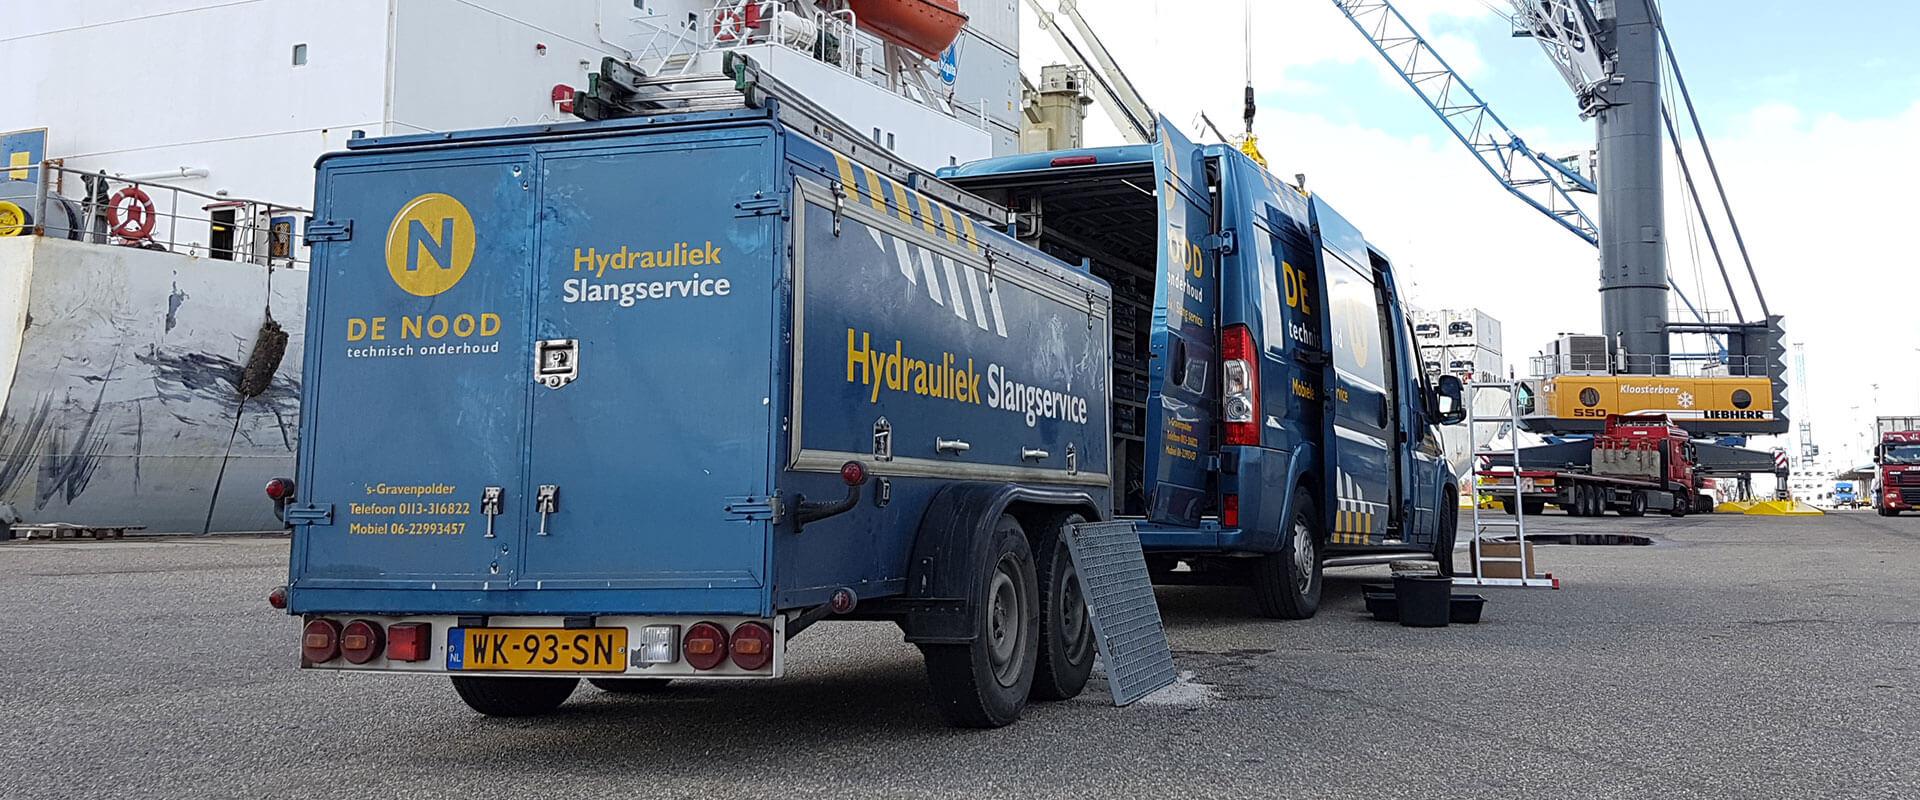 Hydrauliekservice <br> onze specialiteit